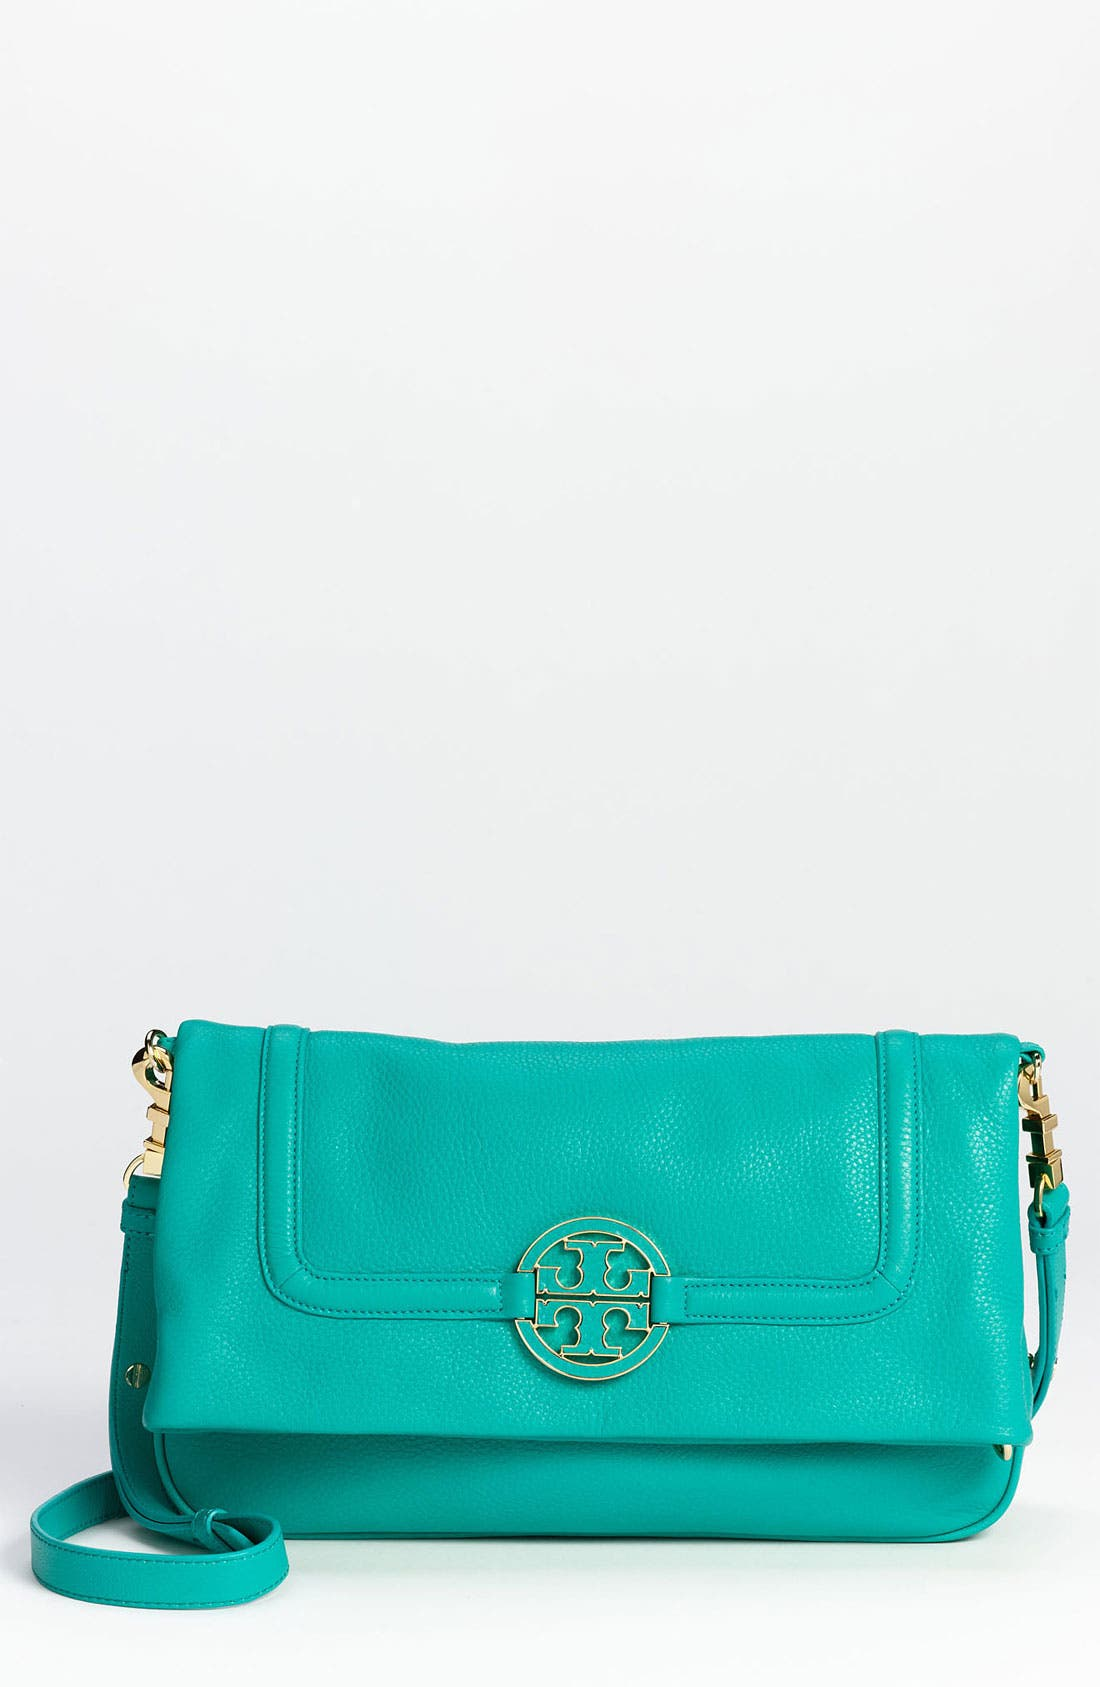 Main Image - Tory Burch 'Amanda' Foldover Crossbody Bag